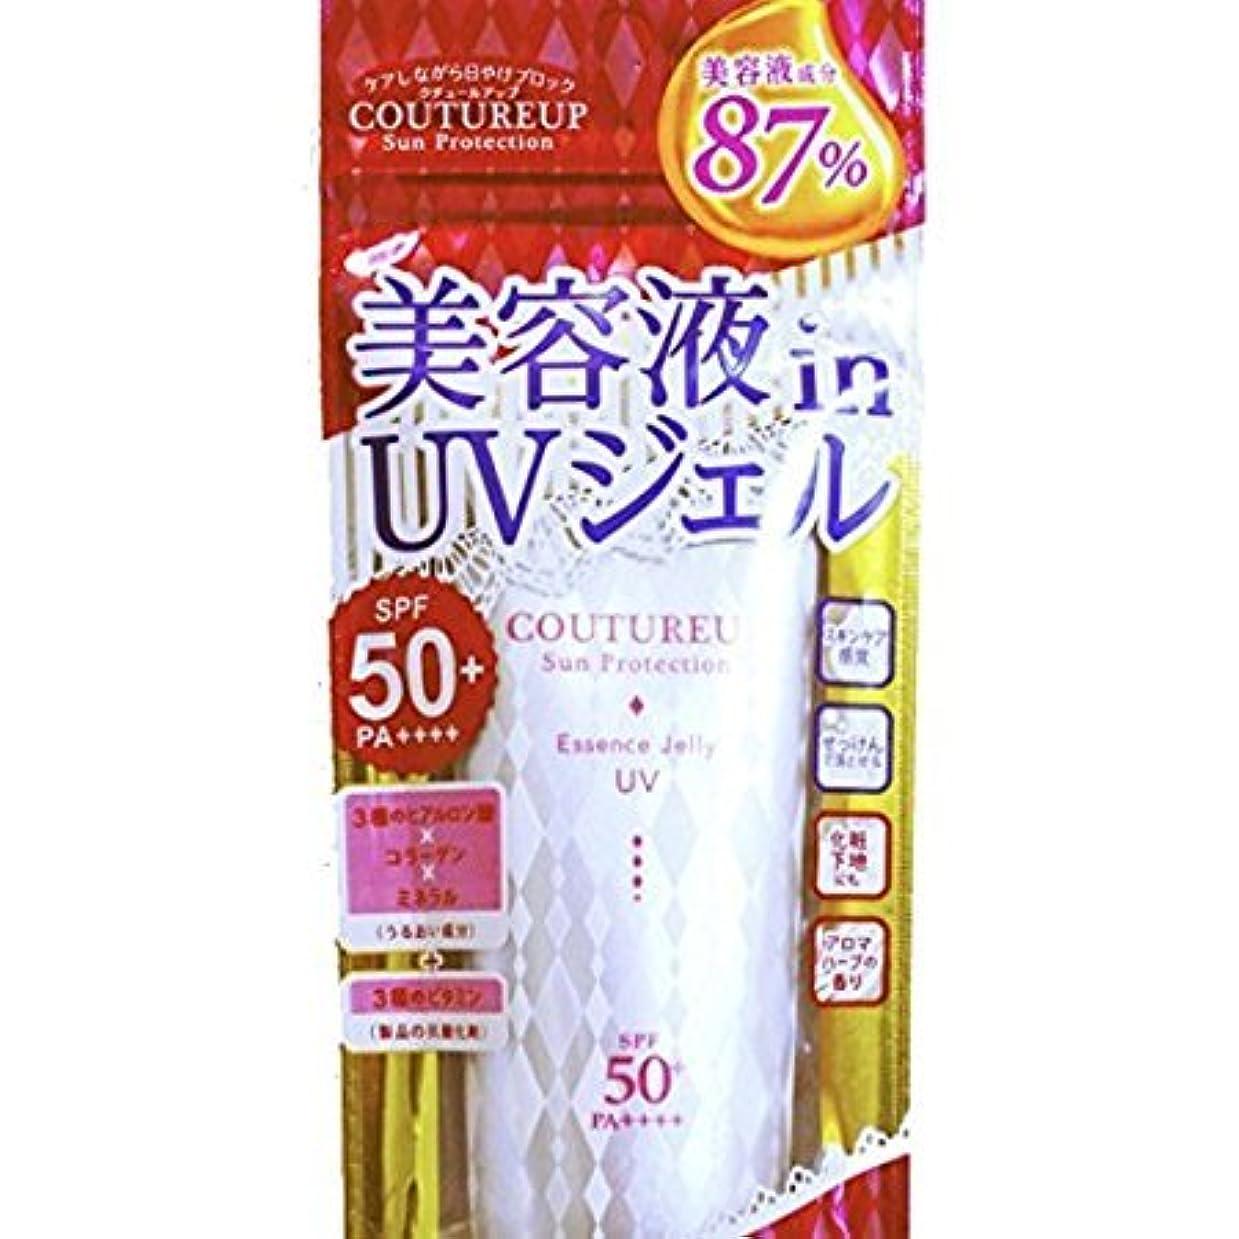 考えるお風呂を持っているシングル美容液 in UVジェル SPF50+/PA++++ 65g 美容液成分87% 日焼け止め&化粧下地